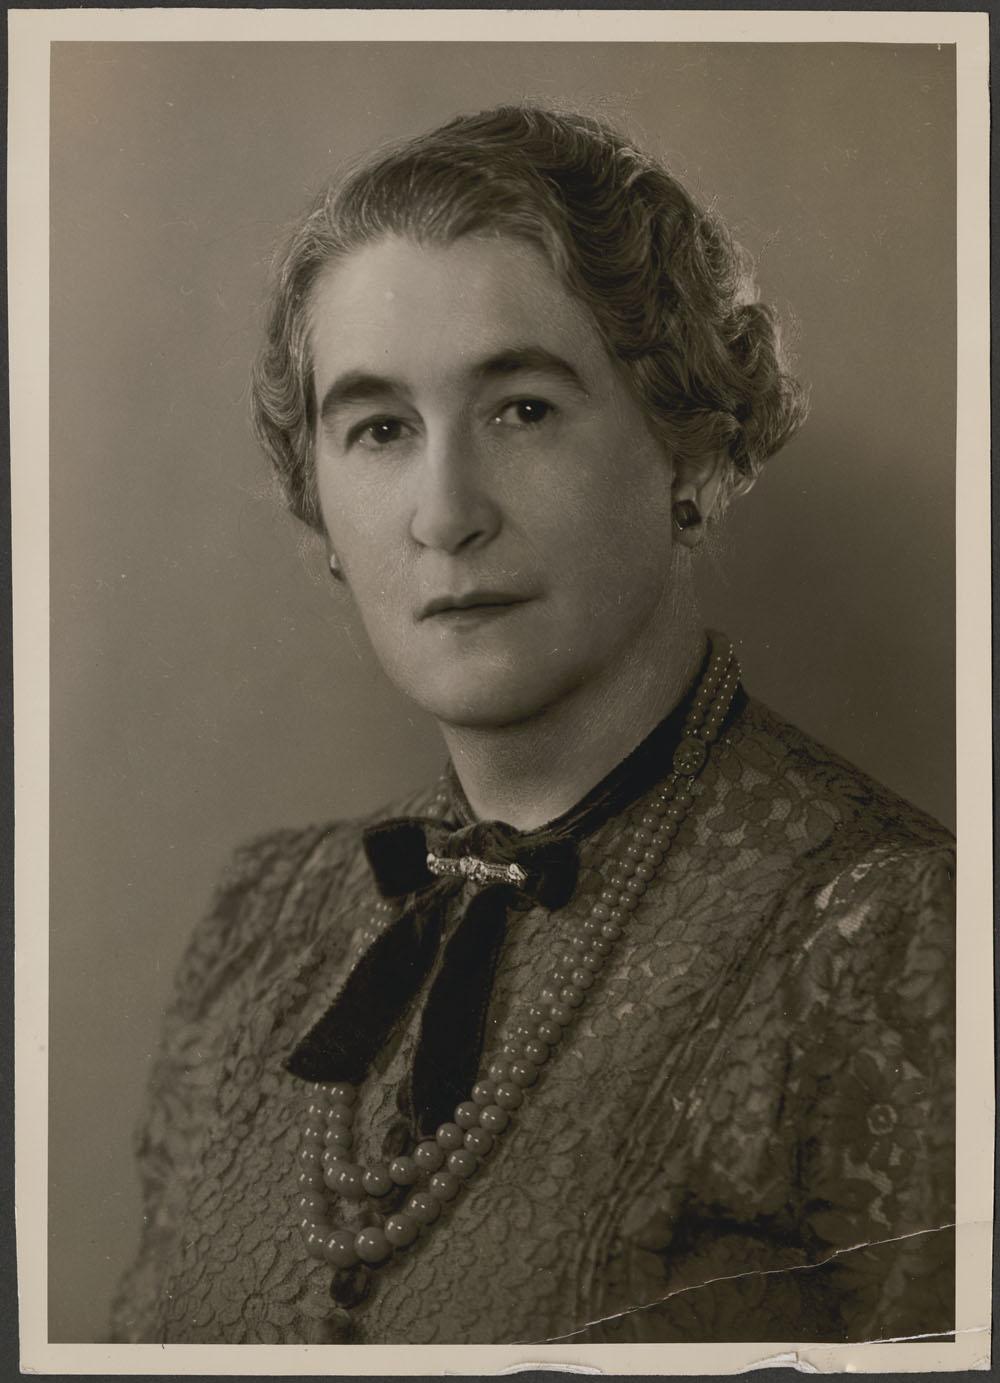 Photographie de type portrait d'une femme portant un chemisier en dentelle, un collier de perles de jade et une broche en diamant, et regardant l'appareil photo.